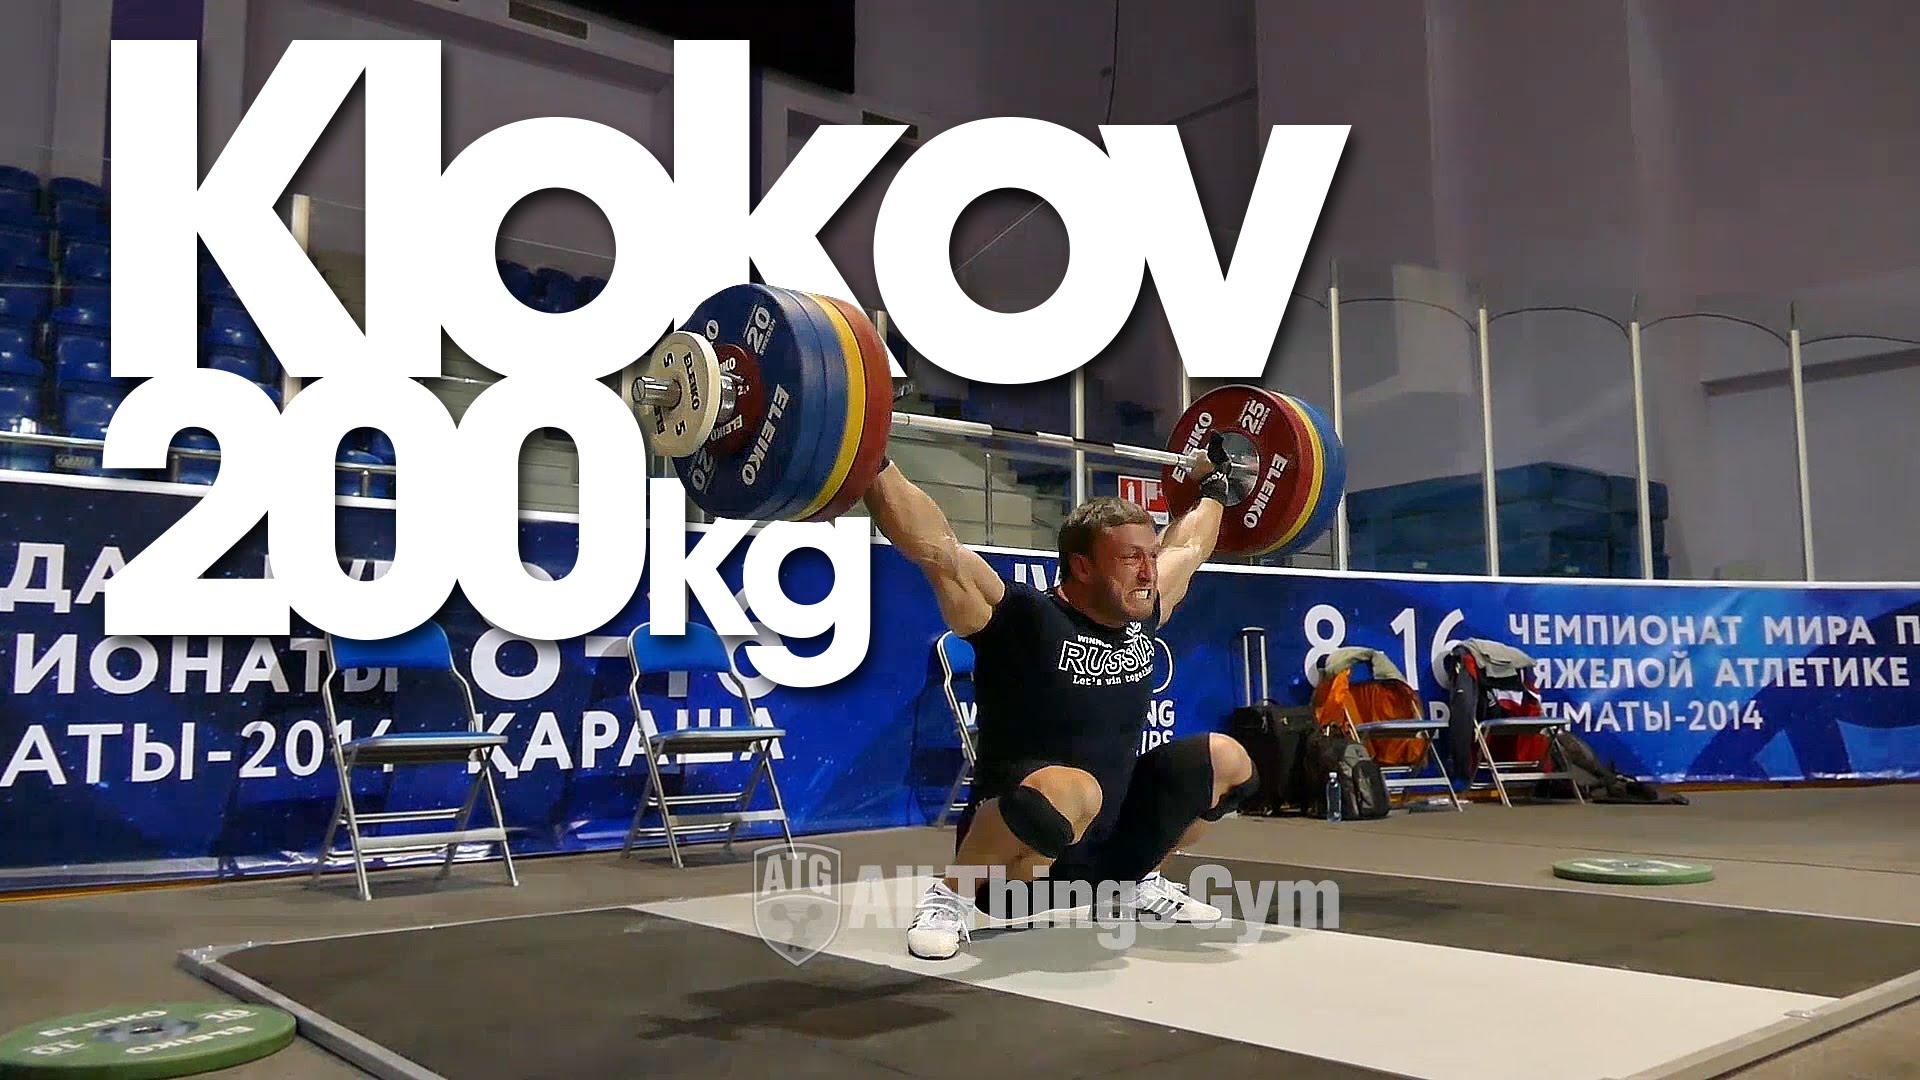 Dmitry Klokov 200kg Snatch at Almaty 2014 Worlds Training ...